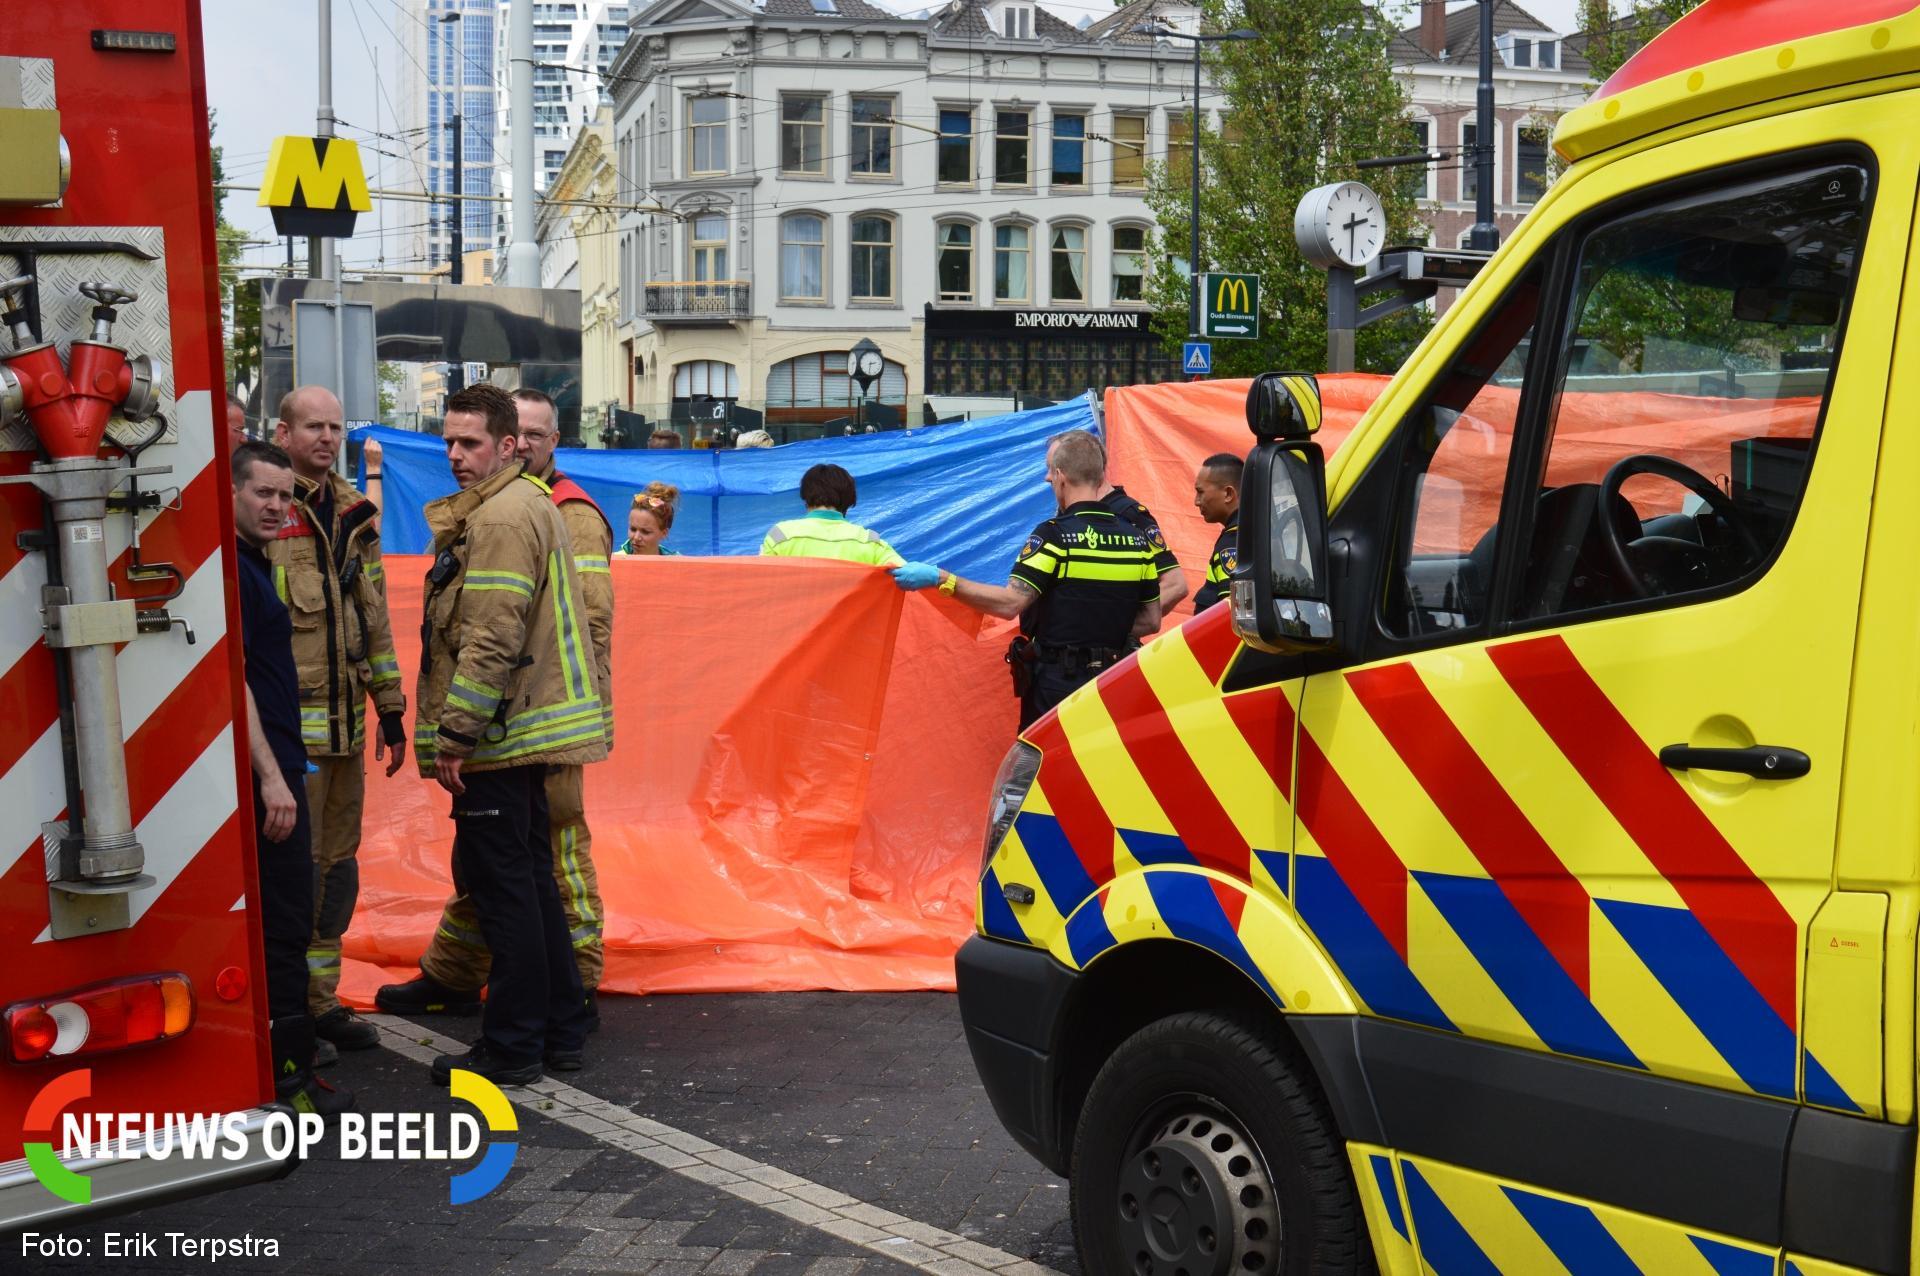 Voetganger overleden na aanrijding met vrachtwagen Eendrachtsplein Rotterdam